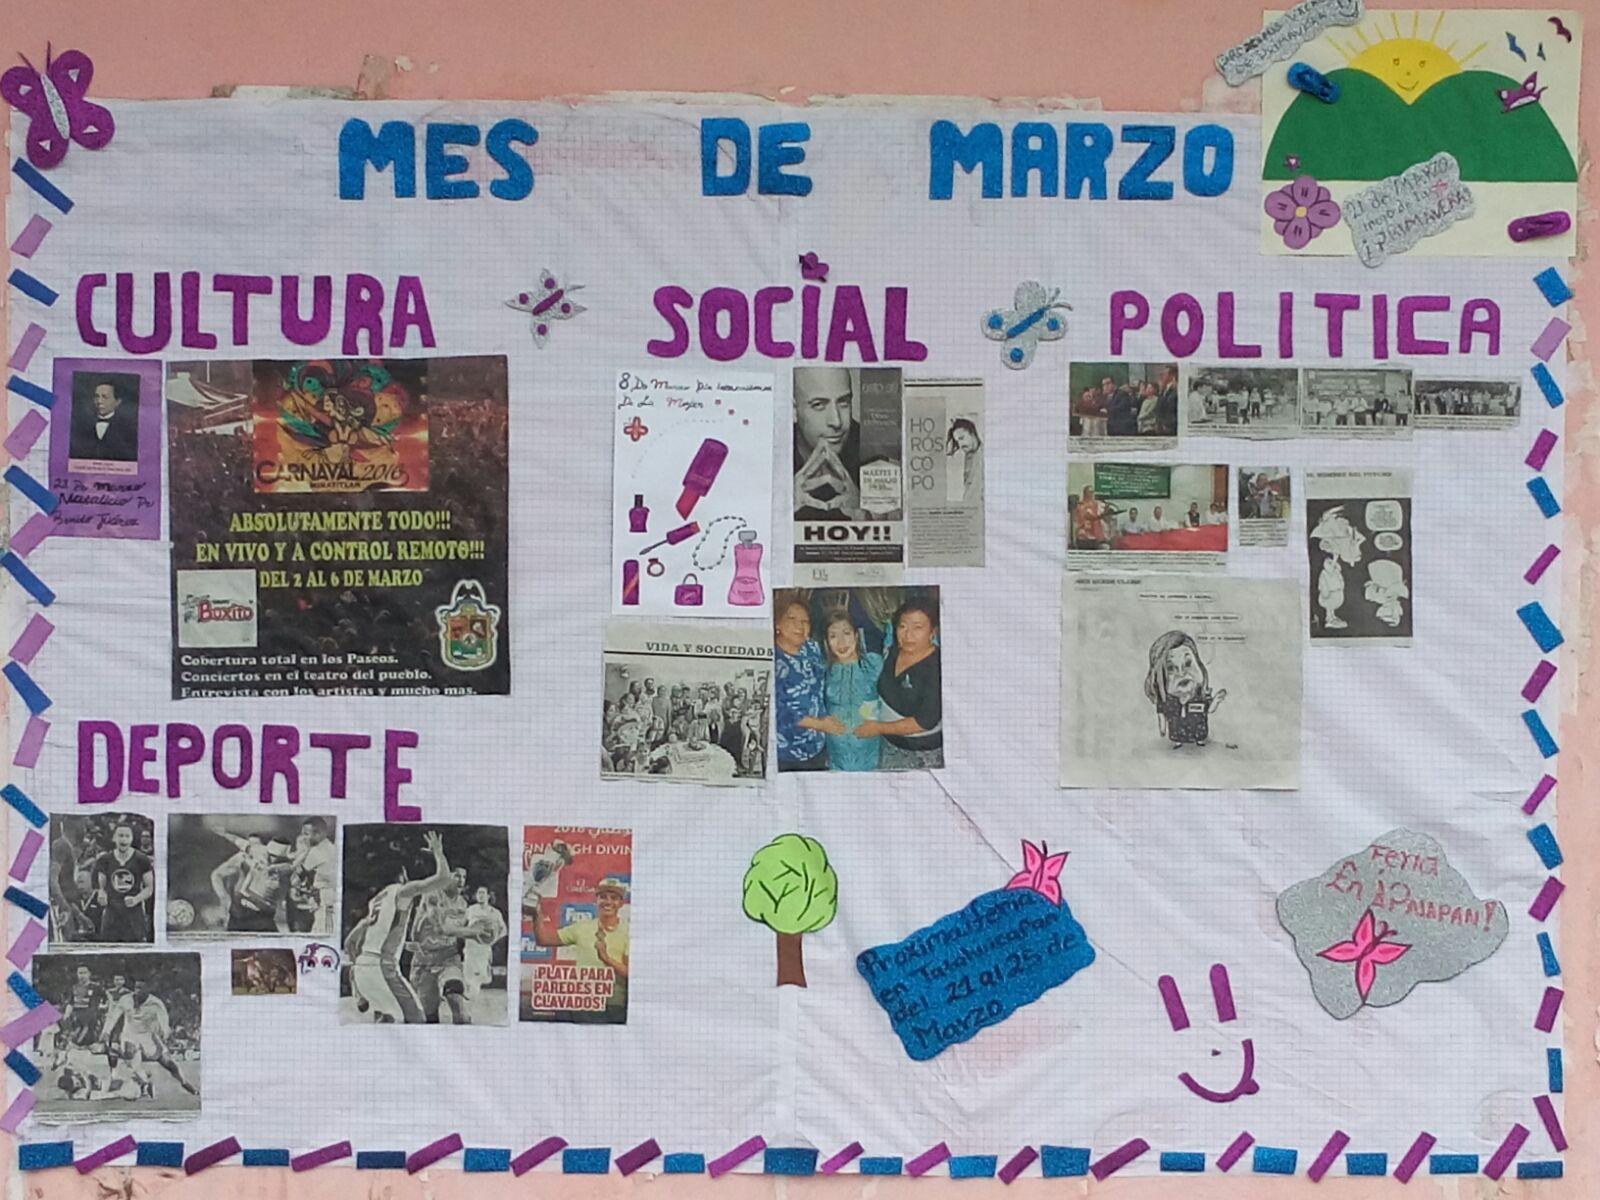 Seccional sur peri dico mural mes de marzo for Deportes para un periodico mural